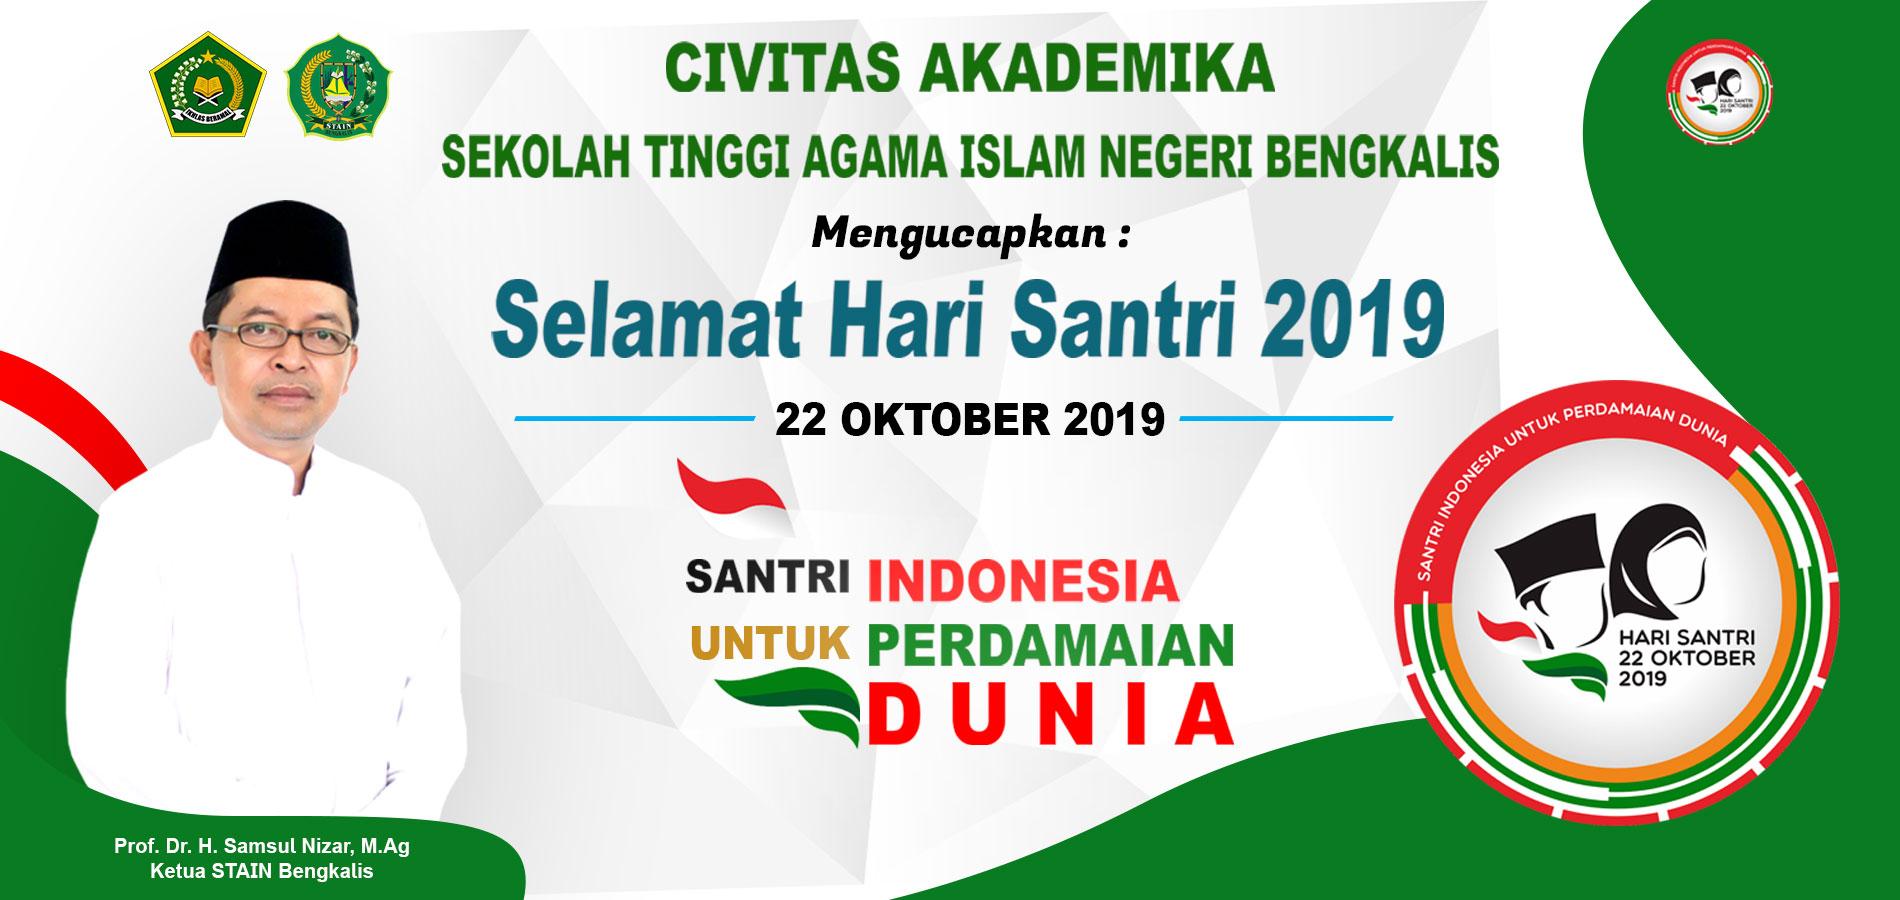 Bahasa Arab Selamat Hari Santri Desain Banner Hari Santri Stain Bengkalis Riau Sekolah Tinggi Agama Islam Negeri Bengkalis Kampus Melayu Kampusmelayu Ac Id